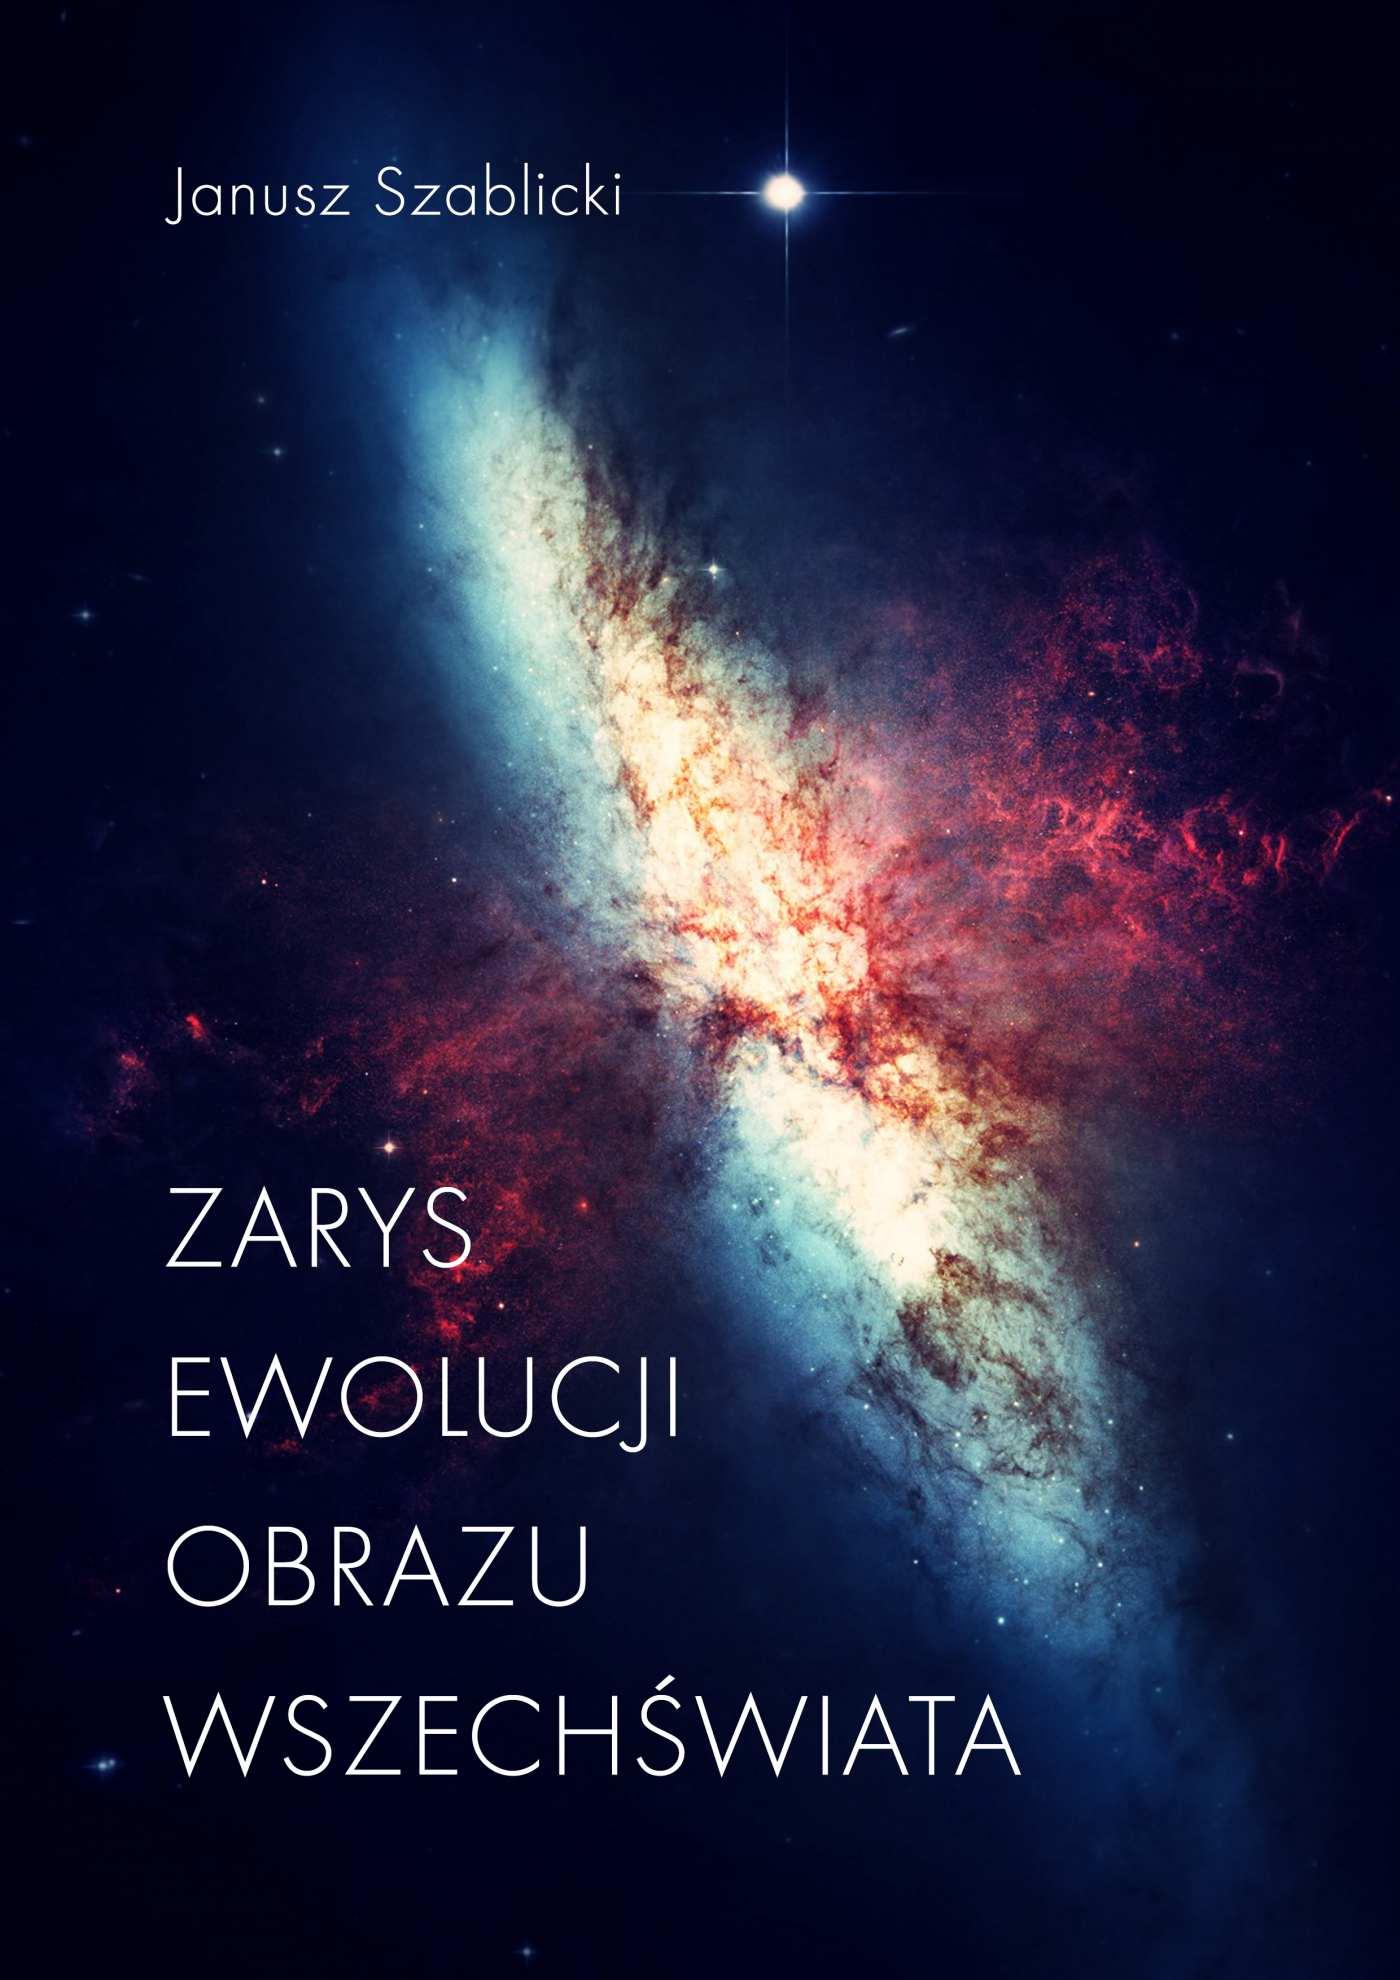 Zarys ewolucji obrazu Wszechświata - Ebook (Książka EPUB) do pobrania w formacie EPUB